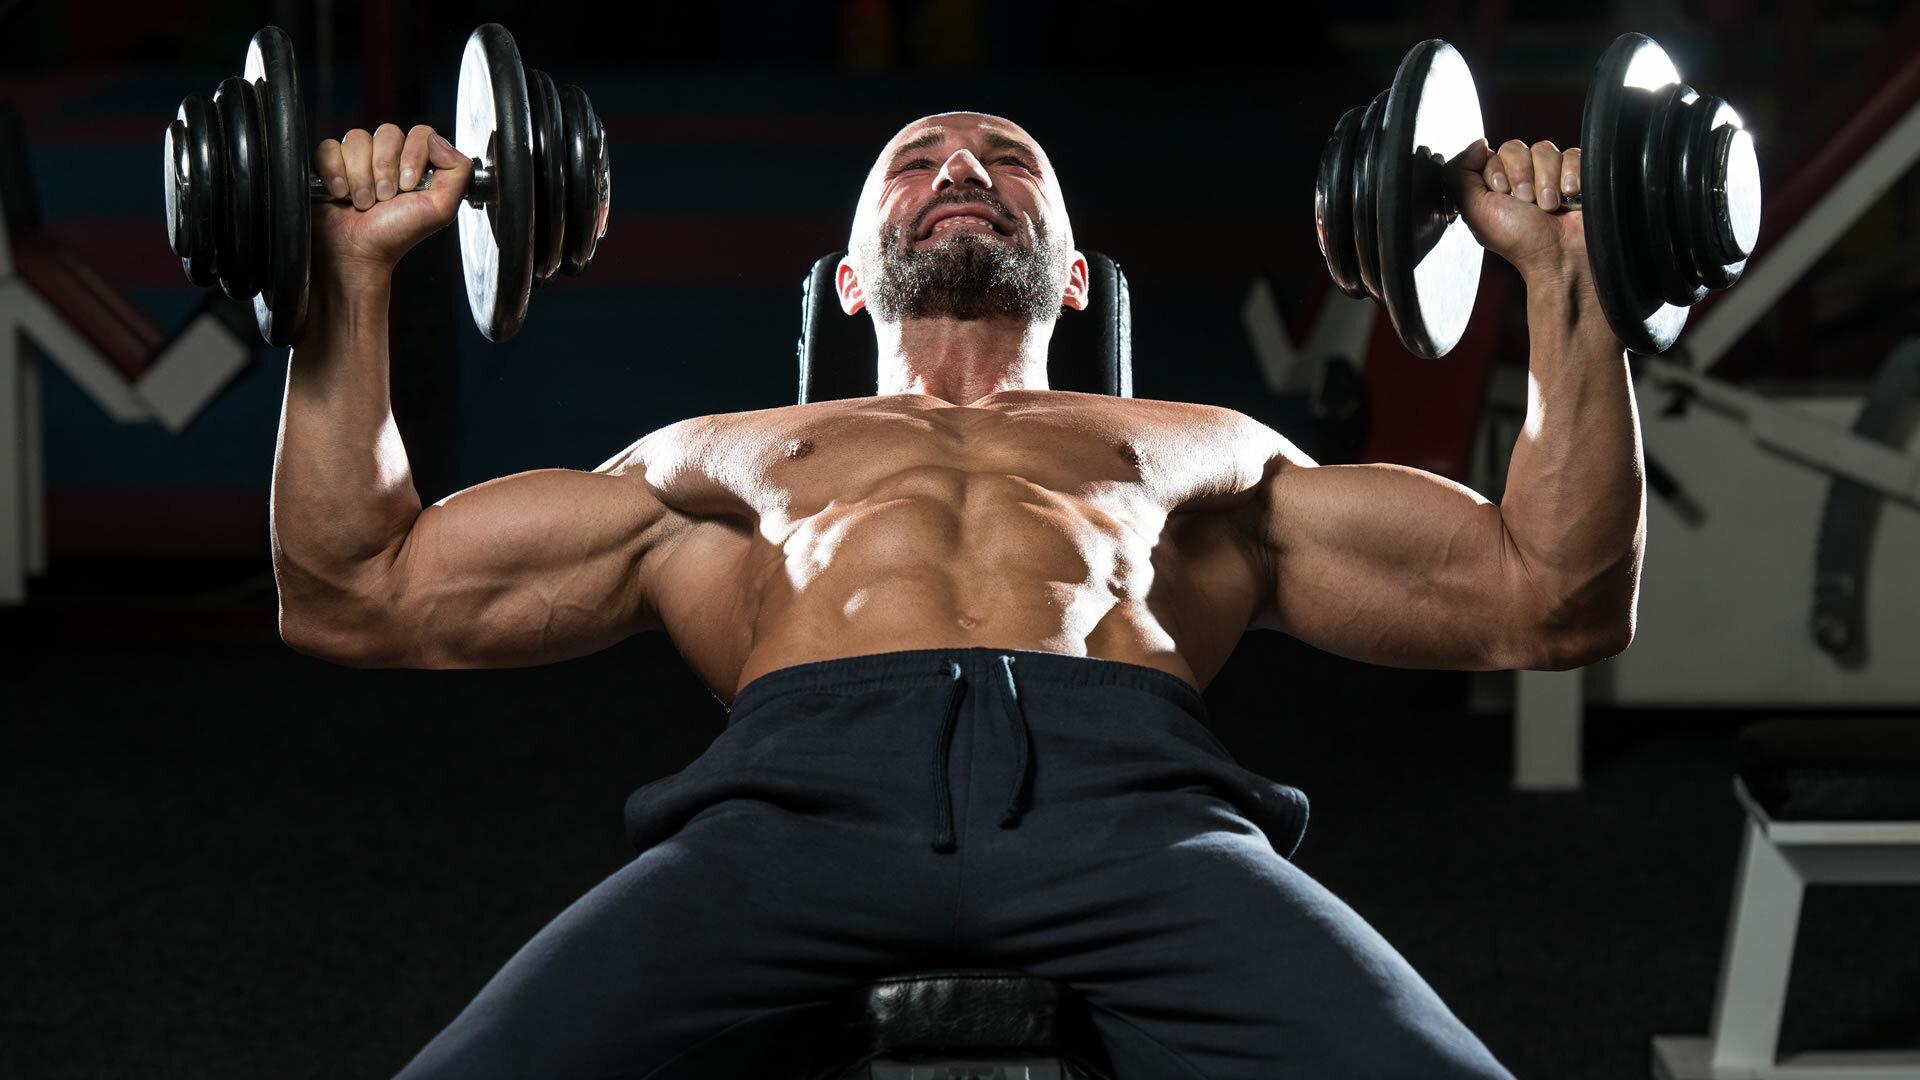 Мотивация в бодибилдинге – смотрите лучшие ролики о мотивации к спорту